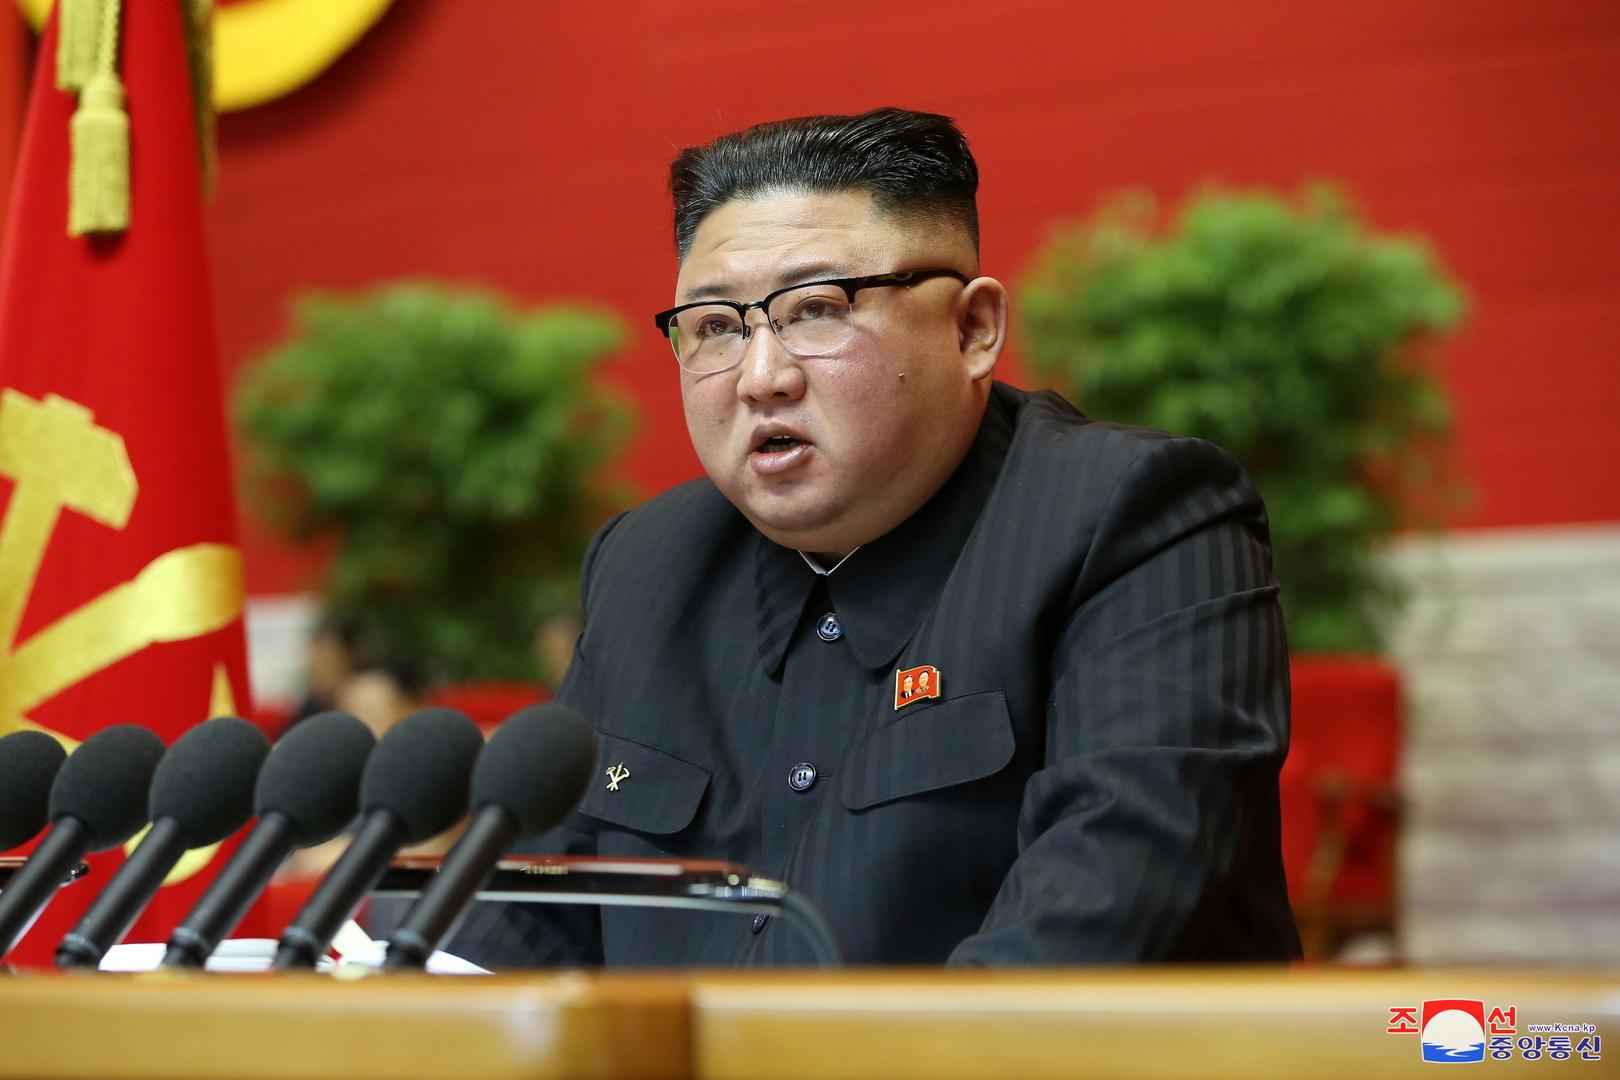 كوريا الشمالية.. كيم يعلن فشل خطته الخمسية في مختلف القطاعات